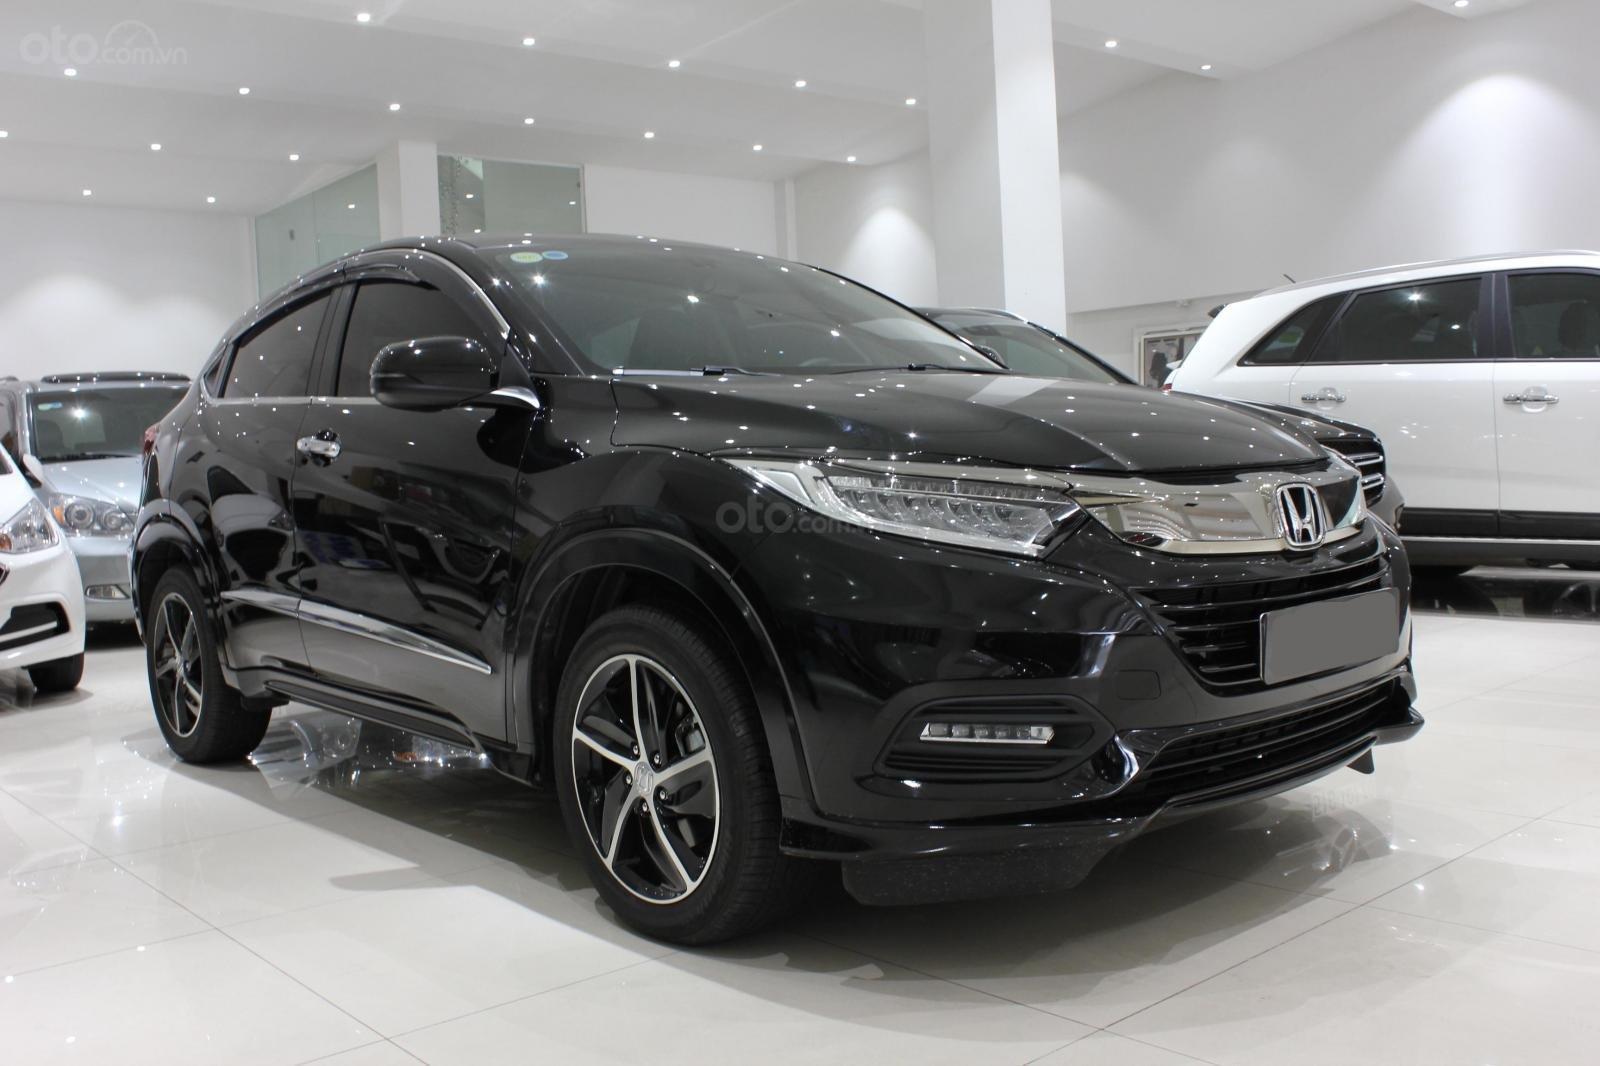 Cần bán xe Honda HR-V bản L 1.8AT SX 2018, màu đen, nhập Thái, siêu lướt 1300km, biển SG (3)